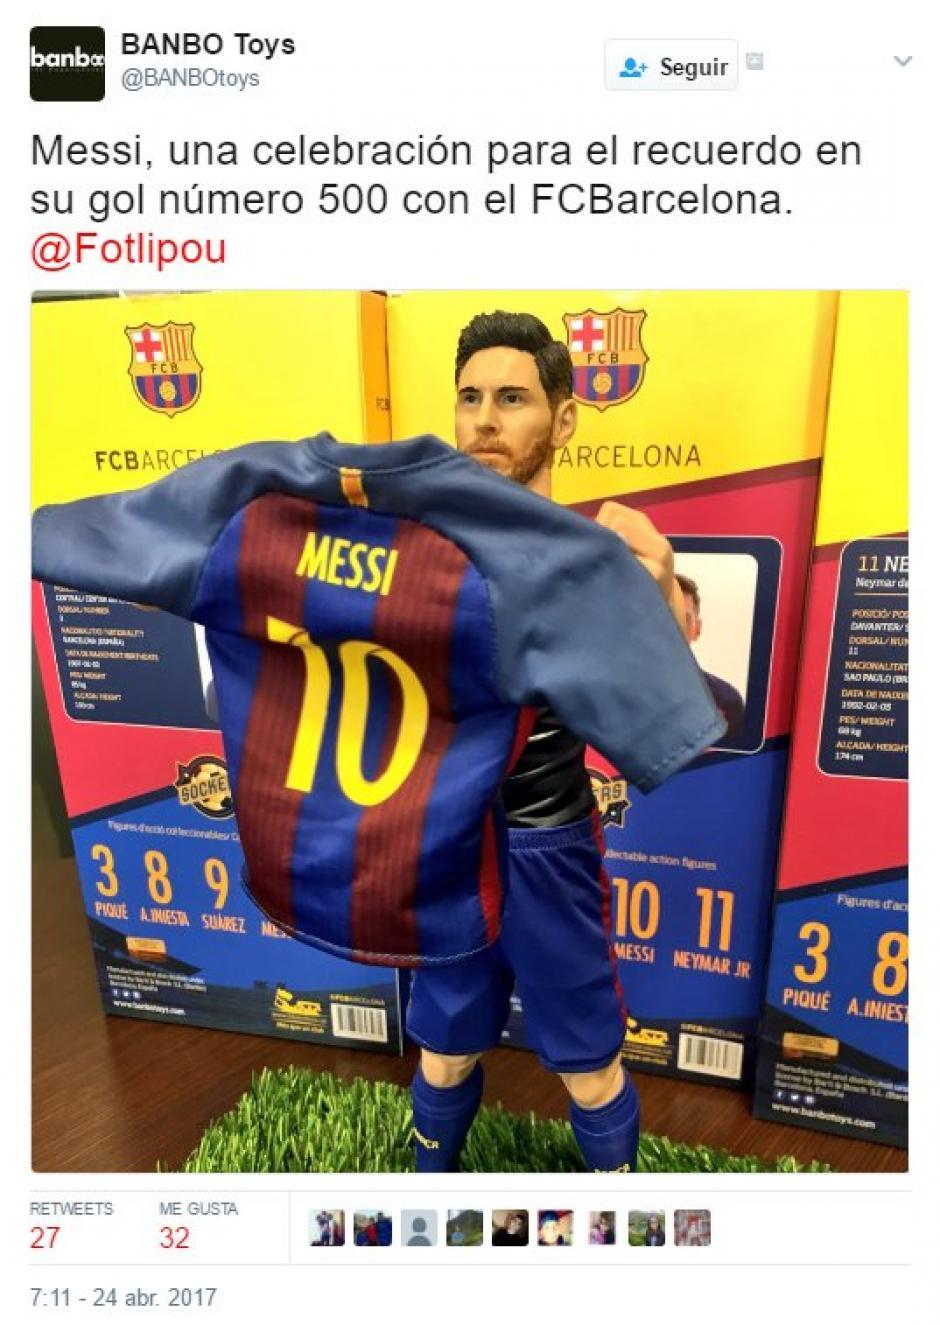 Banbo Toys pone a la venta el festejo de Messi en el Bernabéu. (Foto: Twitter)